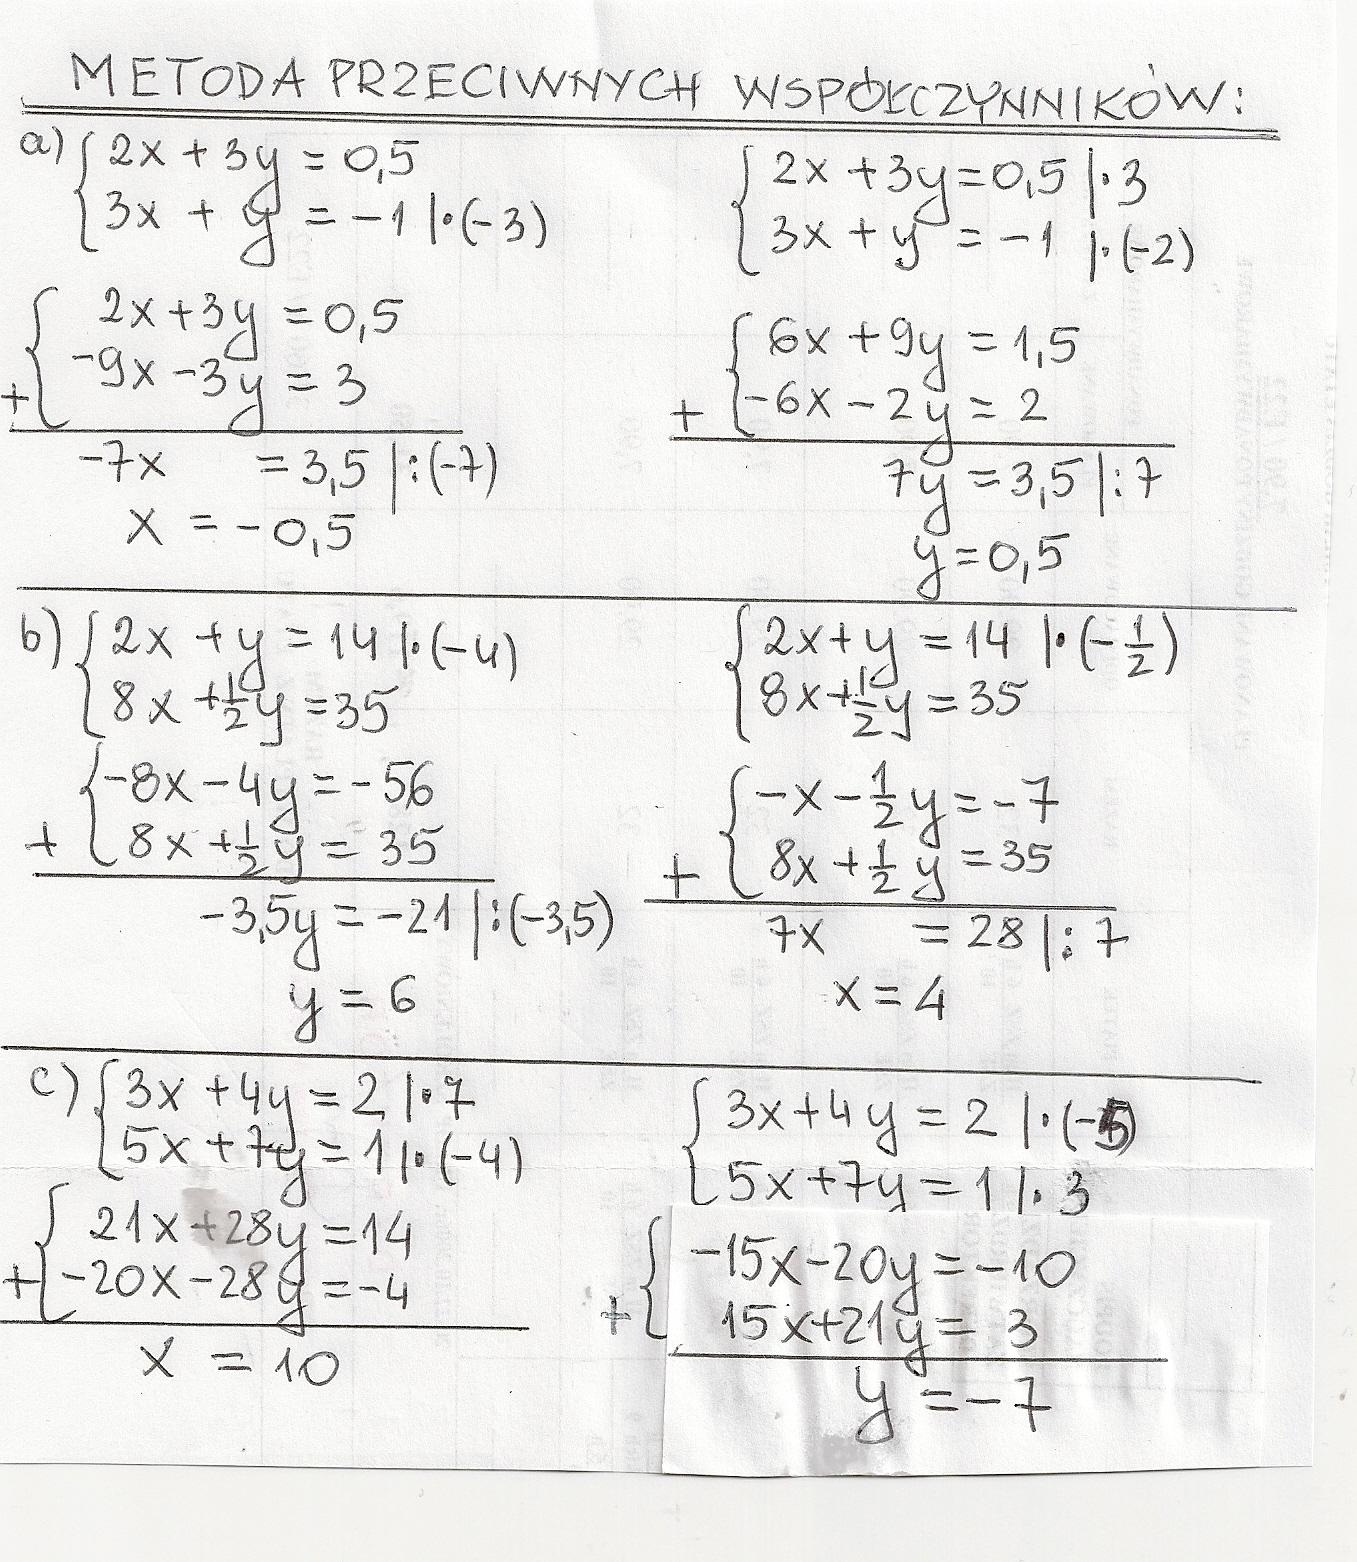 Rozwiąż podane układy równań metodą podstawiania i metodą